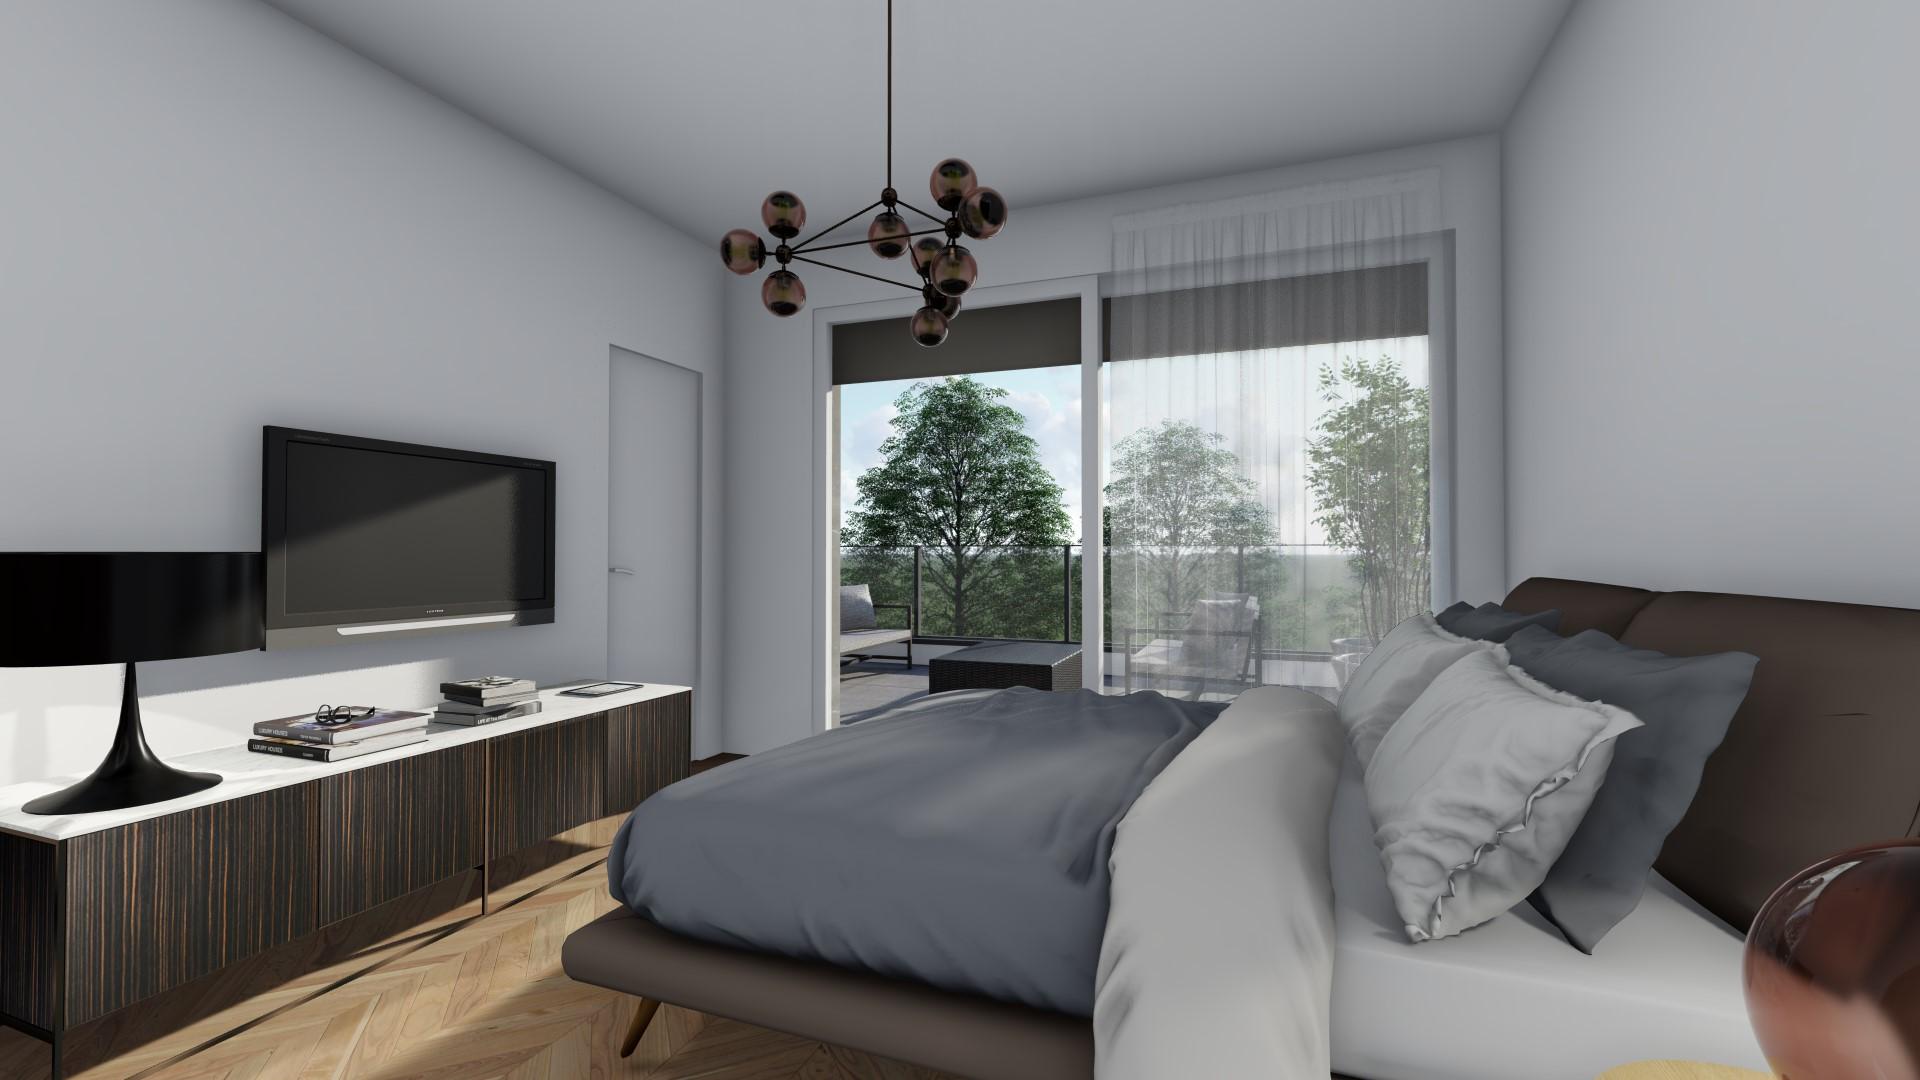 appartamenti in vendita Treviglio - camera da letto